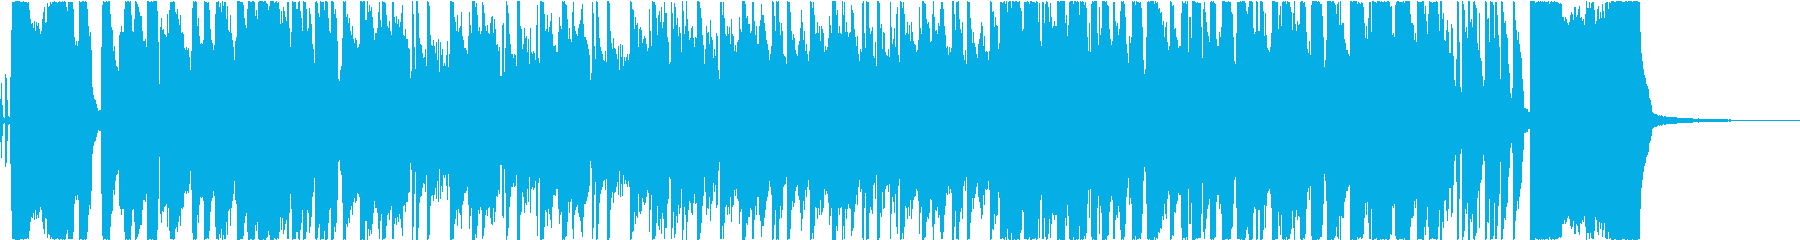 ブラスが印象的な踊りたくなるファンク2の再生済みの波形